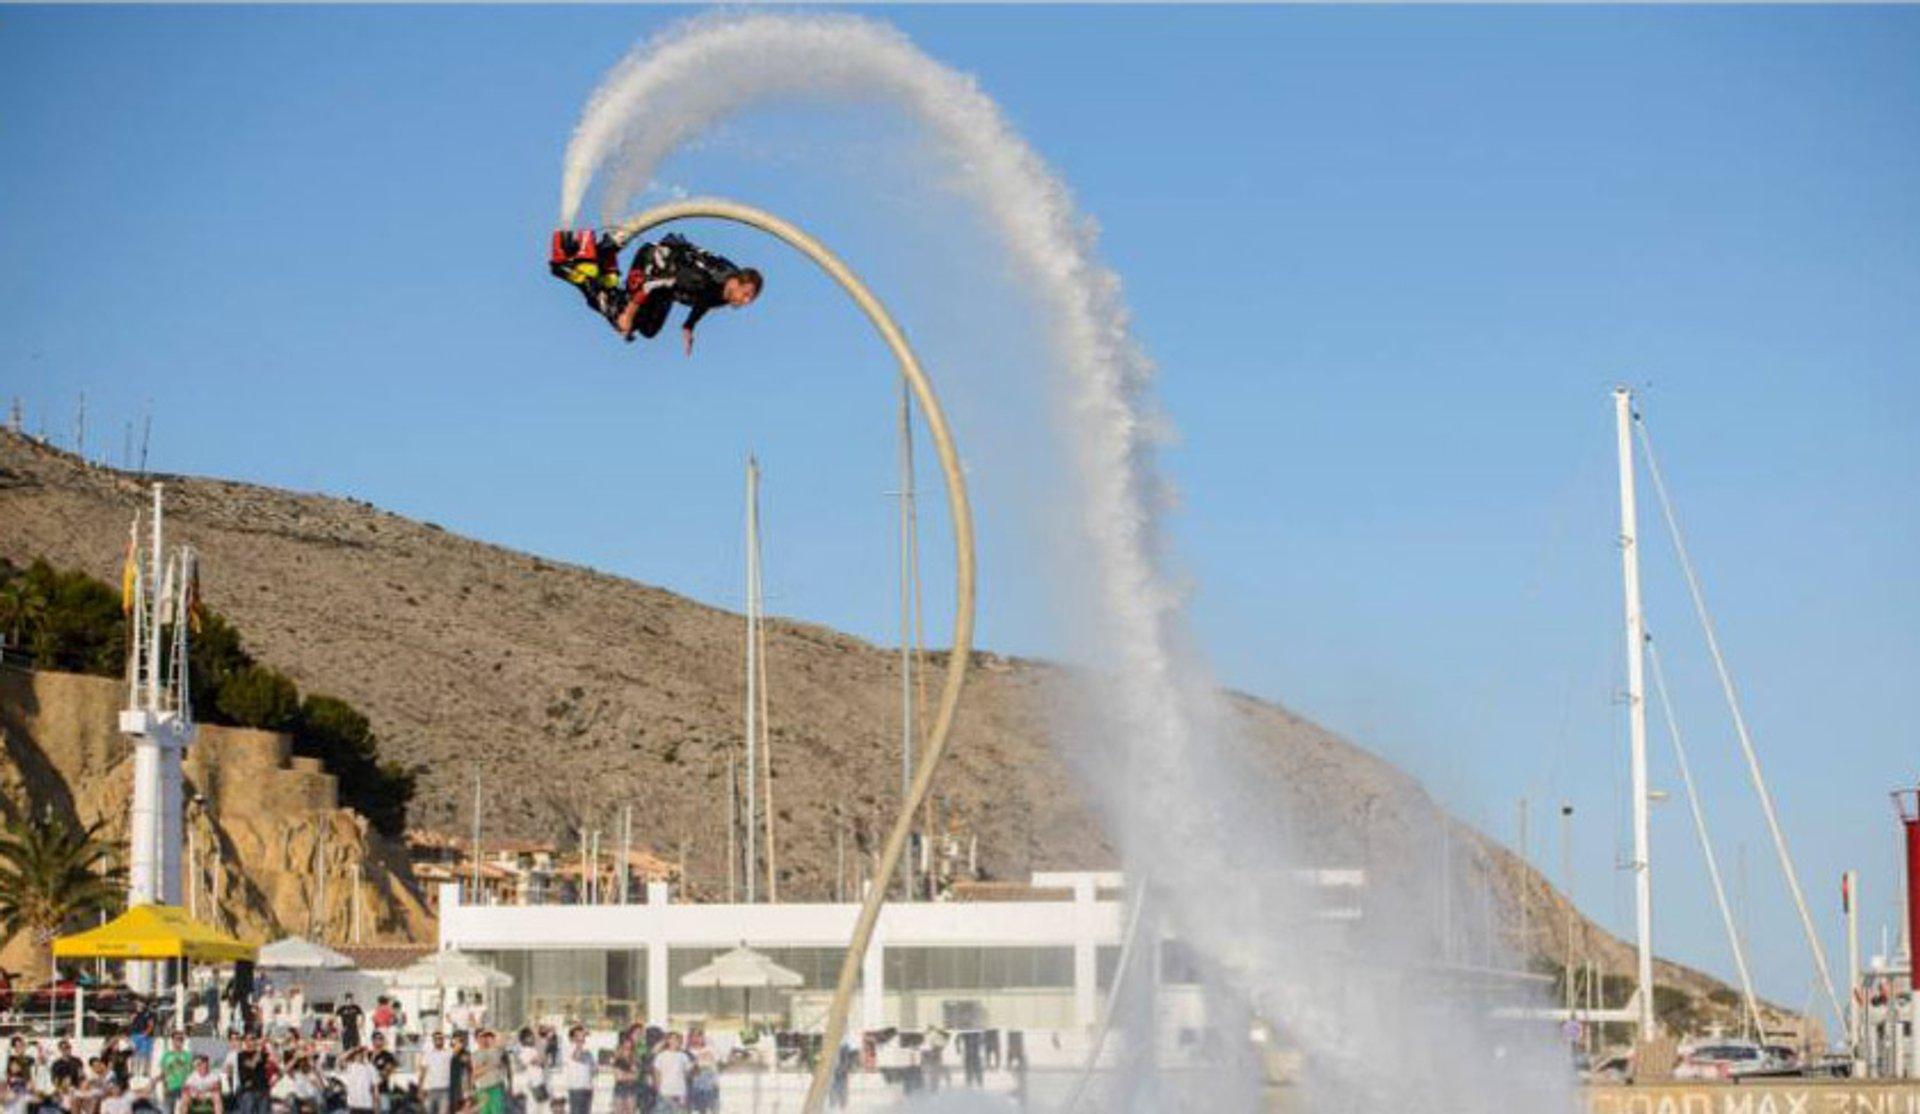 Flyboarding with Dreamboats in Ibiza - Best Season 2020